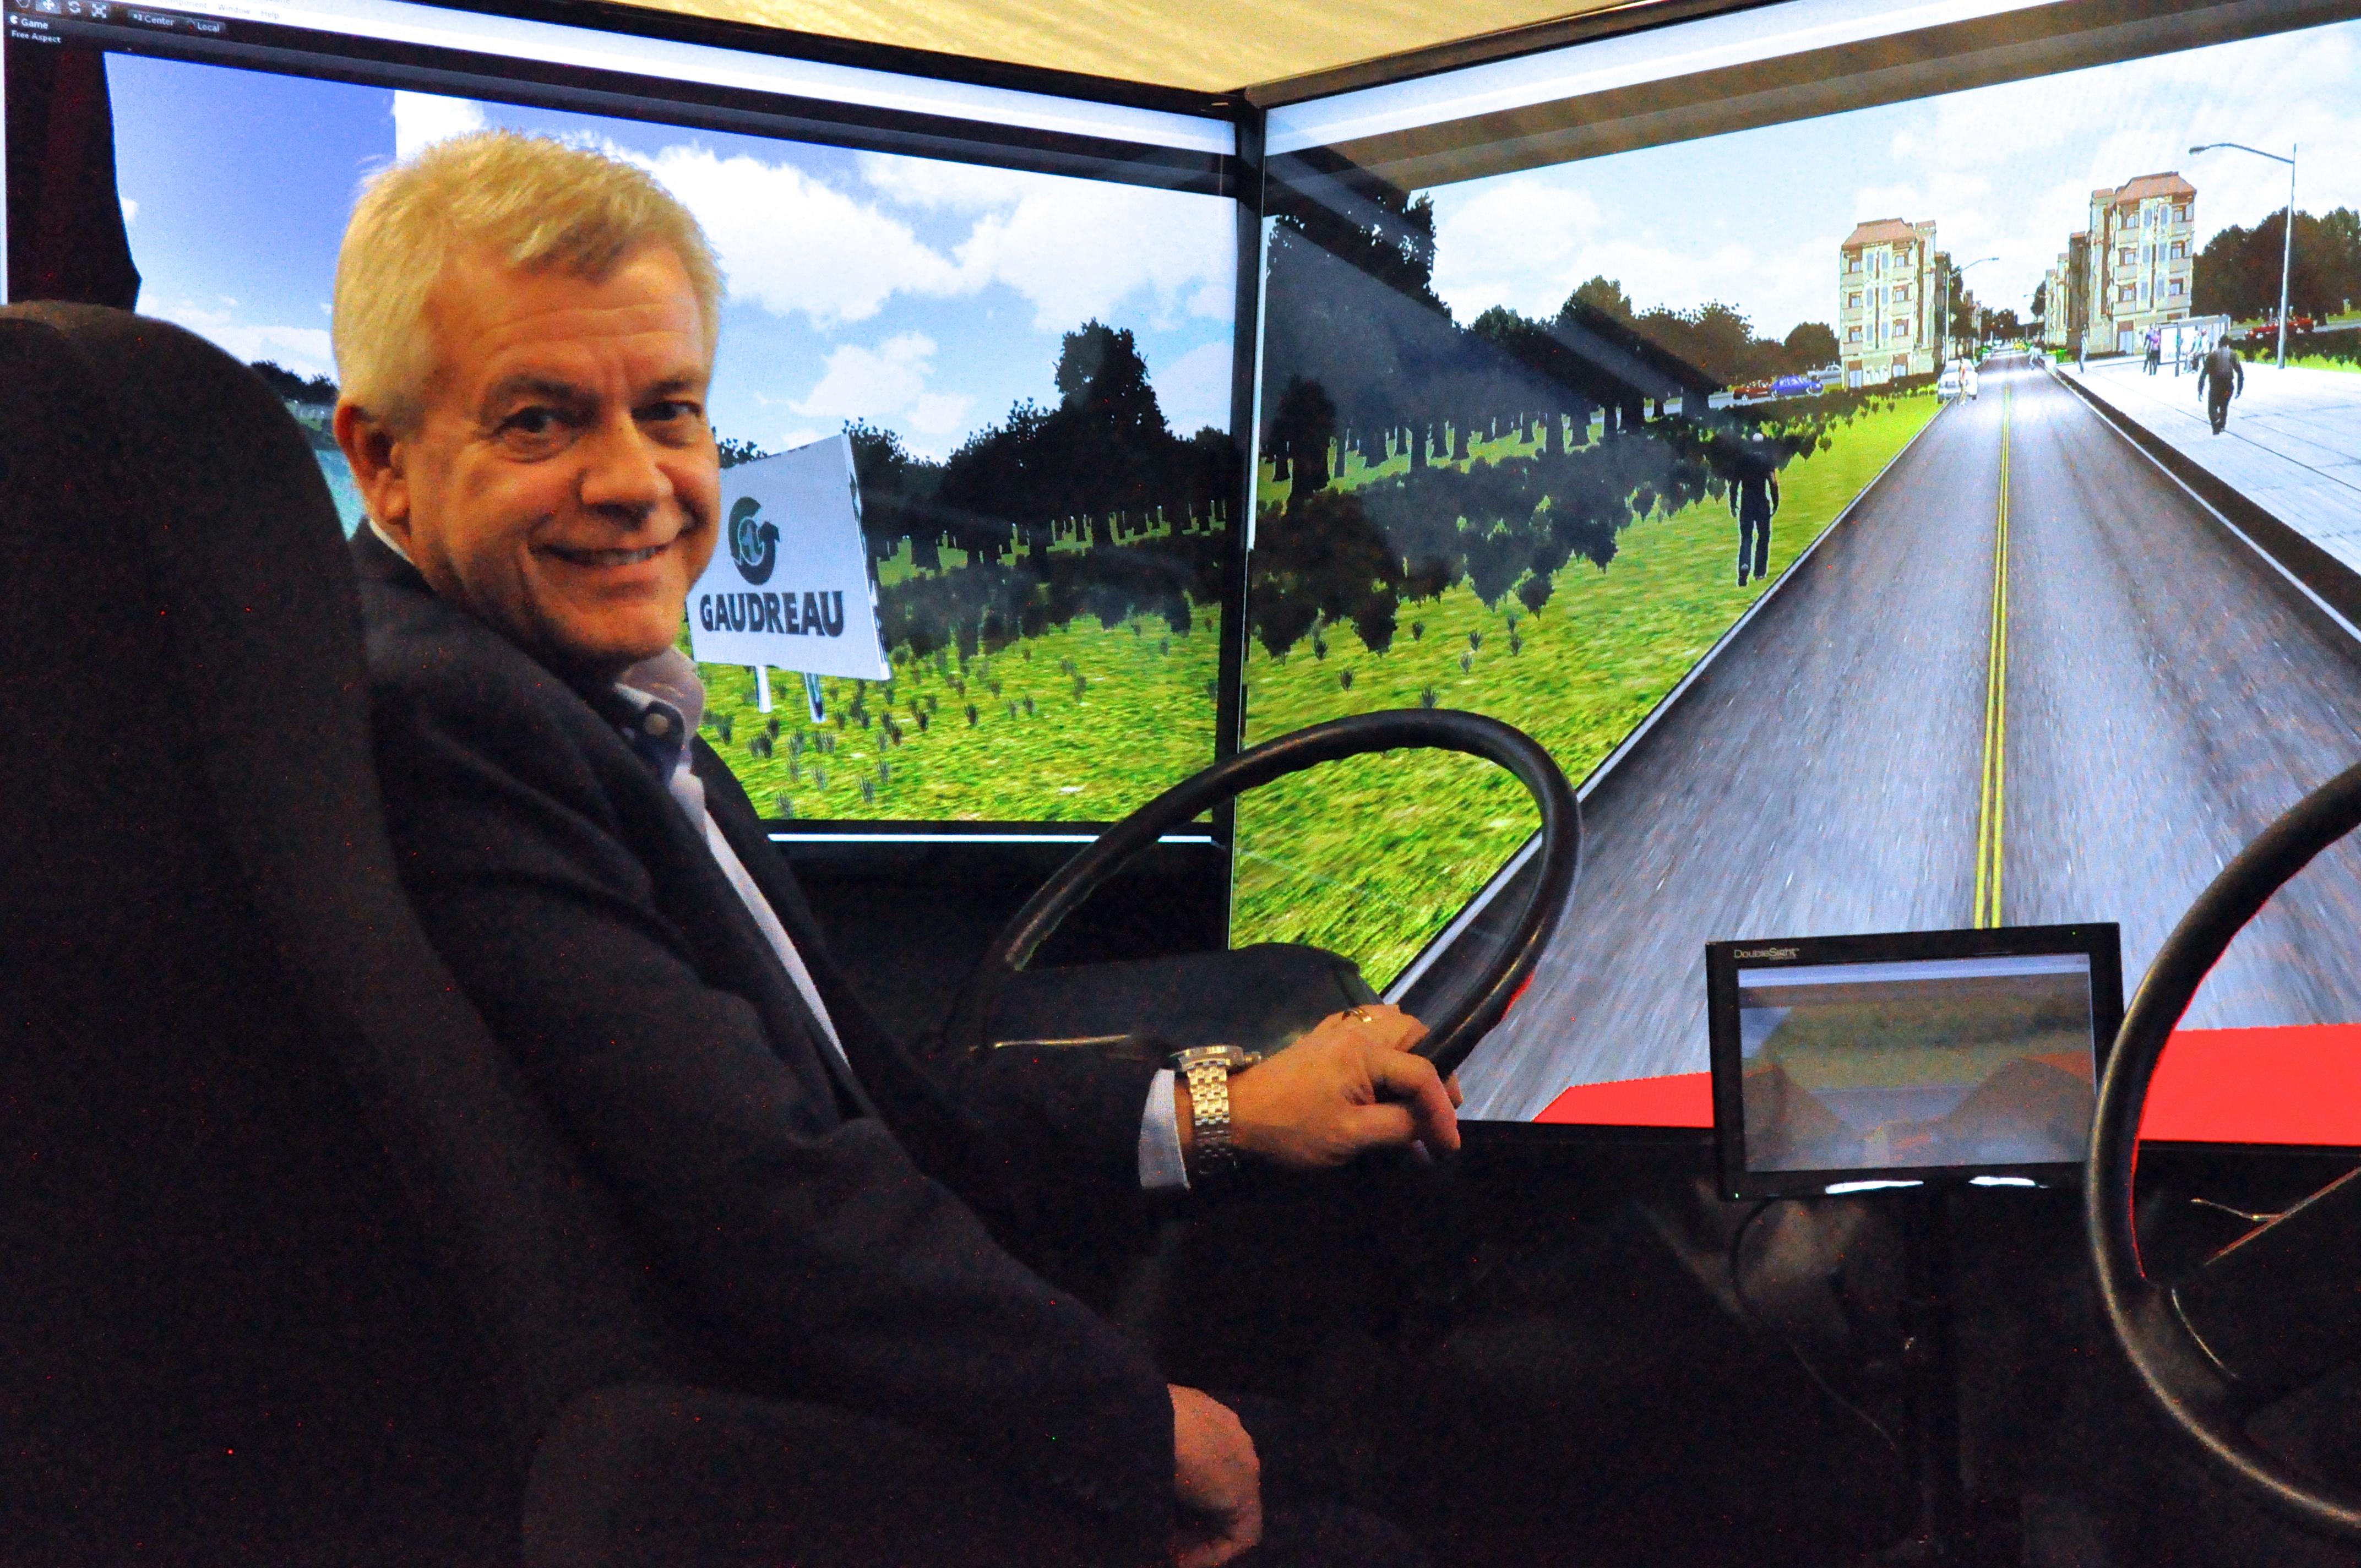 Un simulateur de conduite pour les camionneurs de Gaudreau